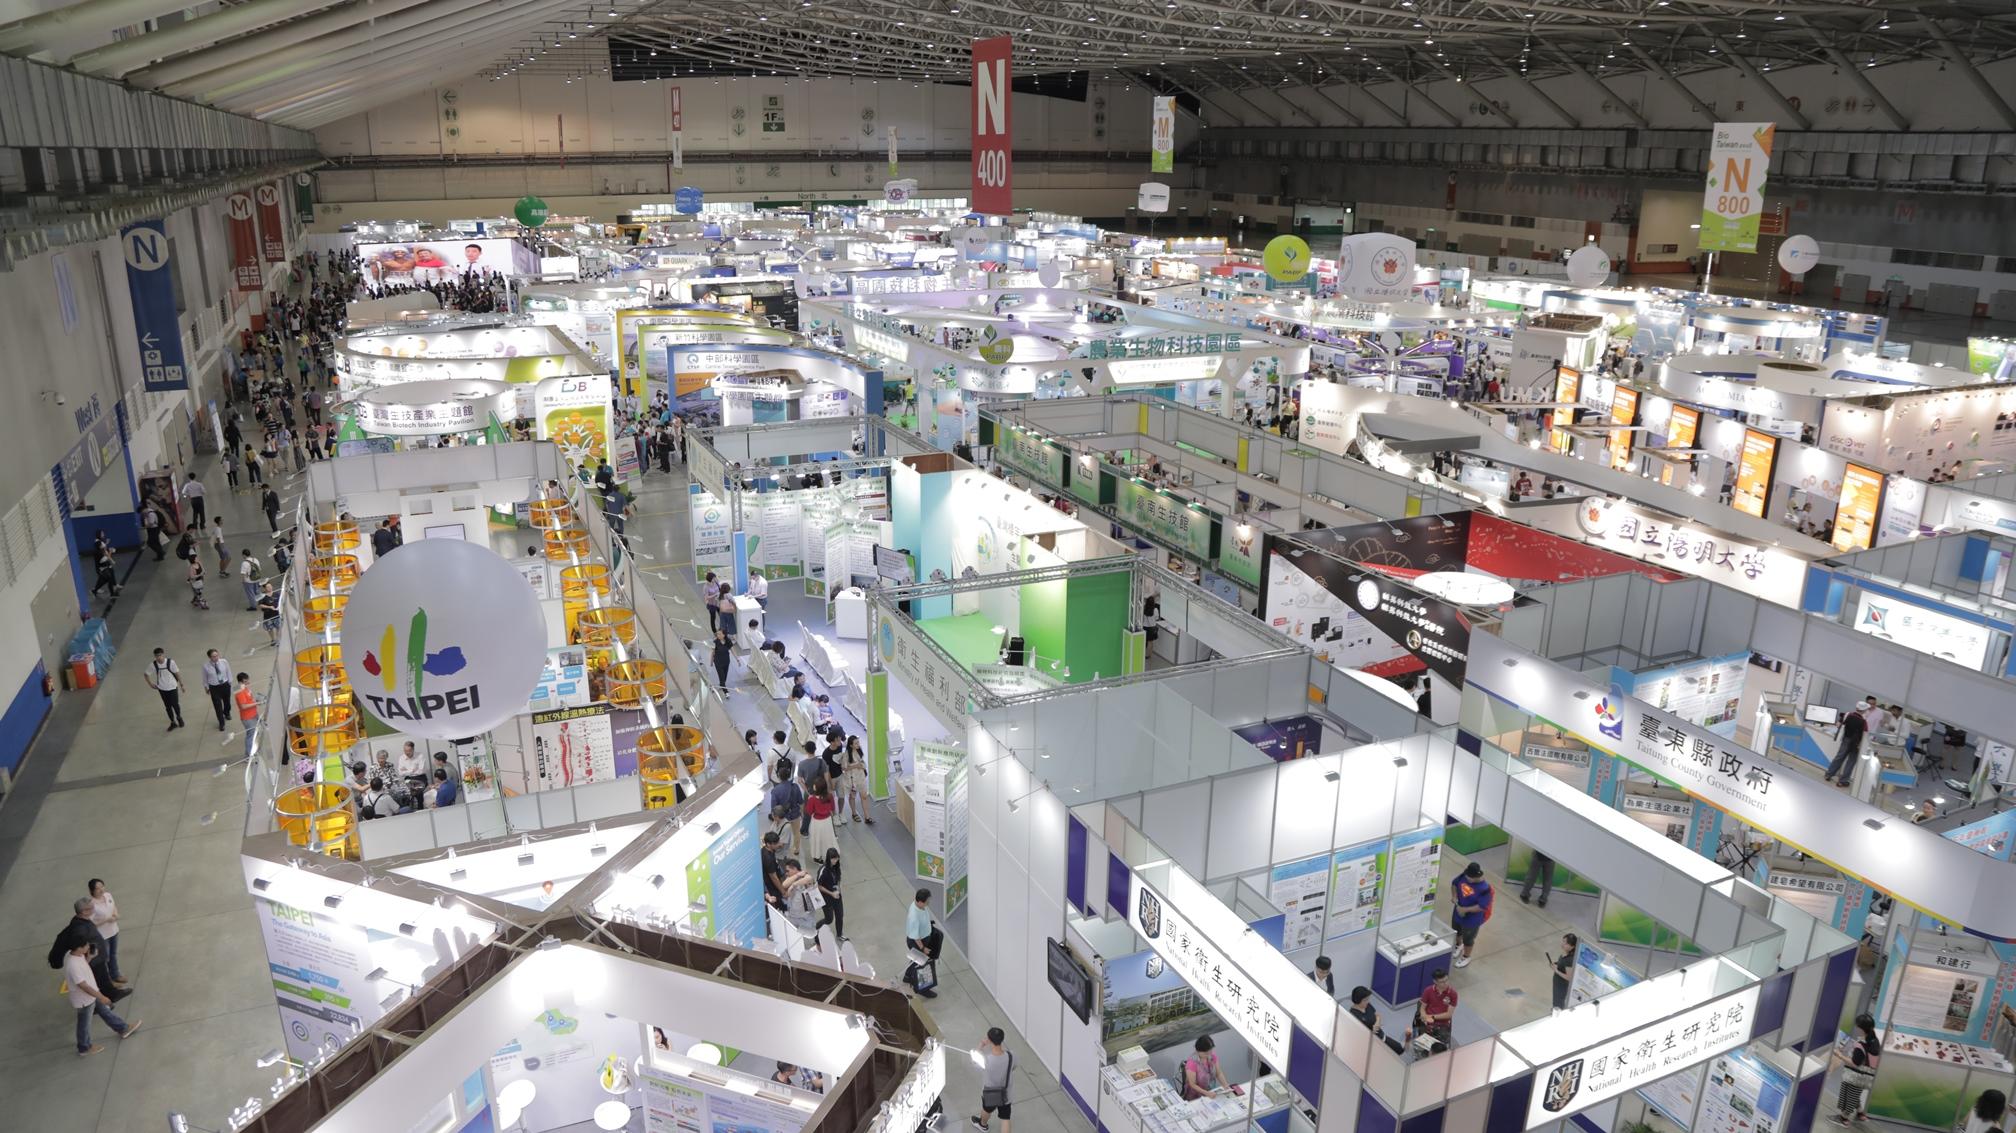 2018台灣生技月首度三大主題聯展,亞洲生技商機論壇及商機媒合參與數創新高。